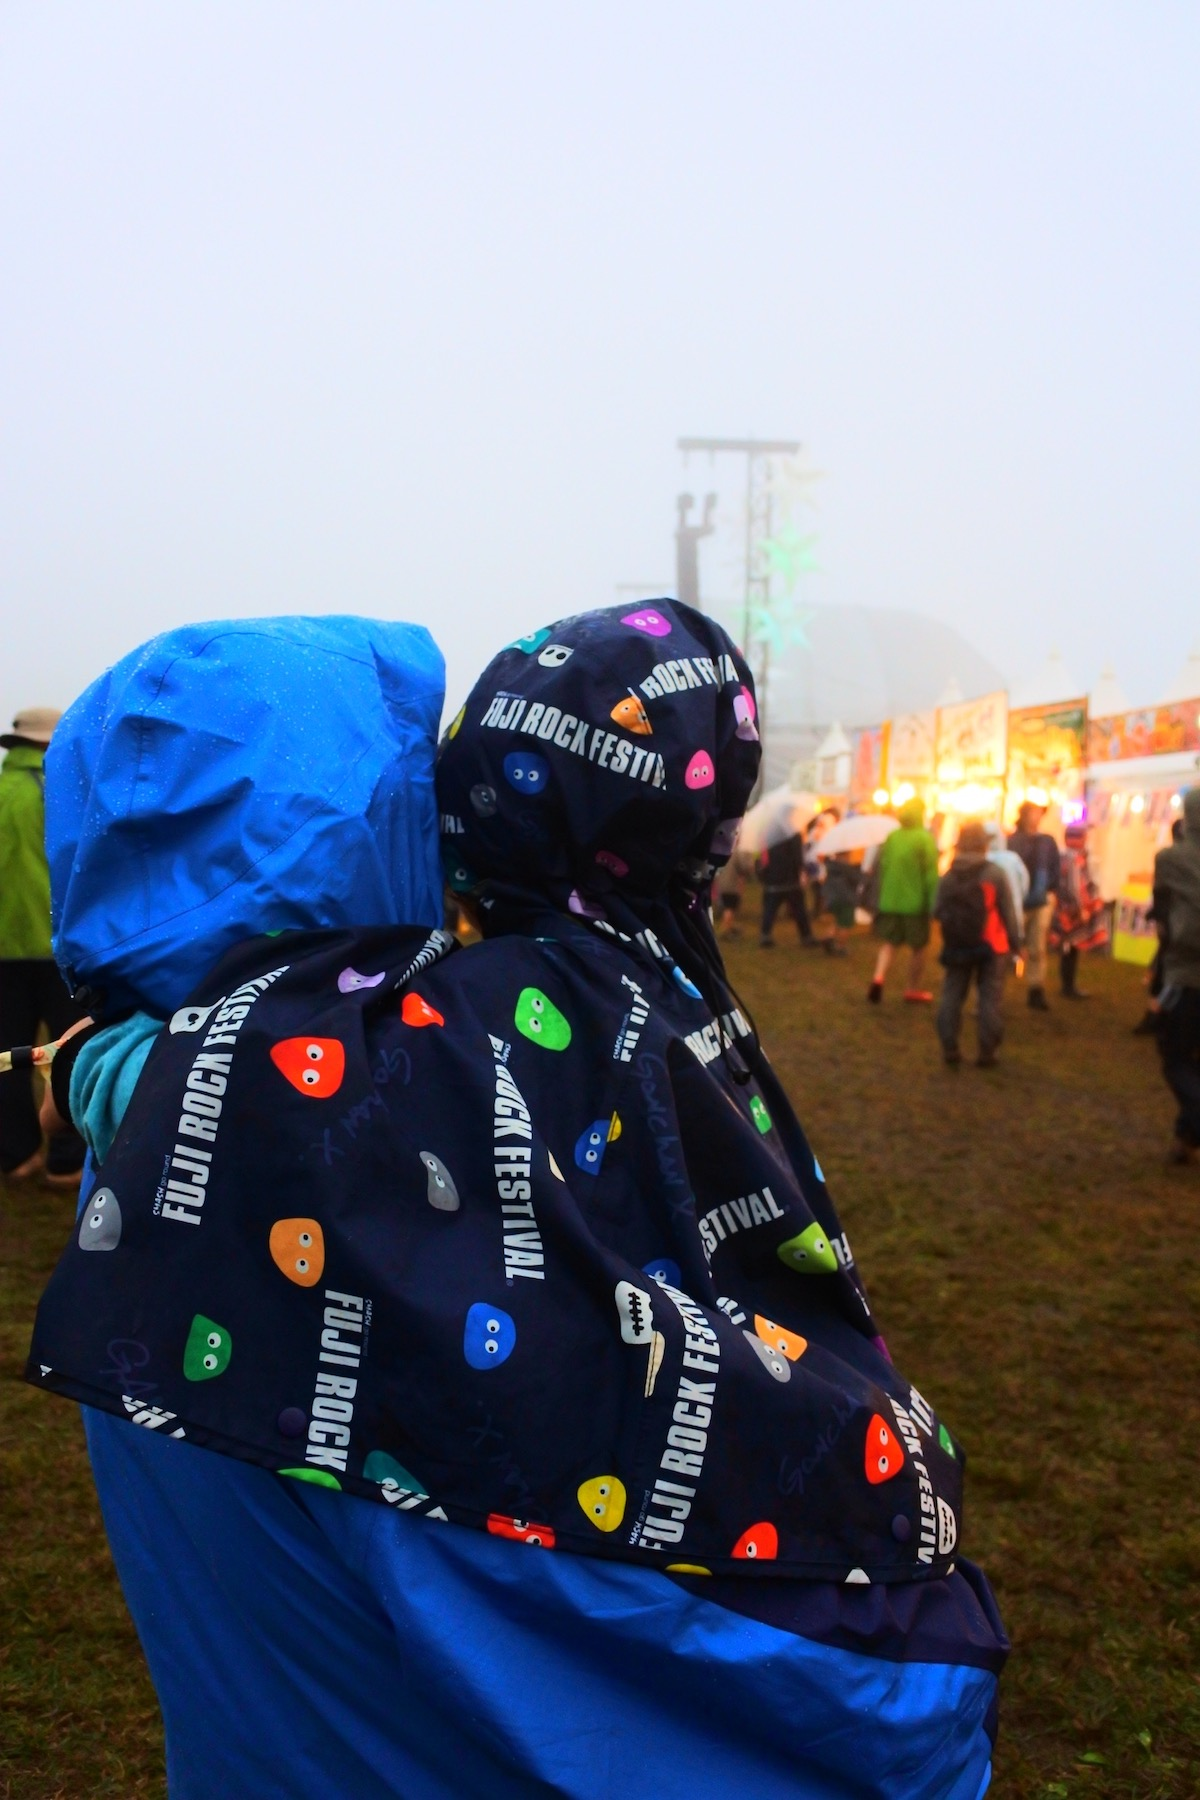 34 【こどもフジロック】朝霧Jam'18子連れフェス体験記〜3歳児とのキャンプ・イン・フェスの過ごし方〜